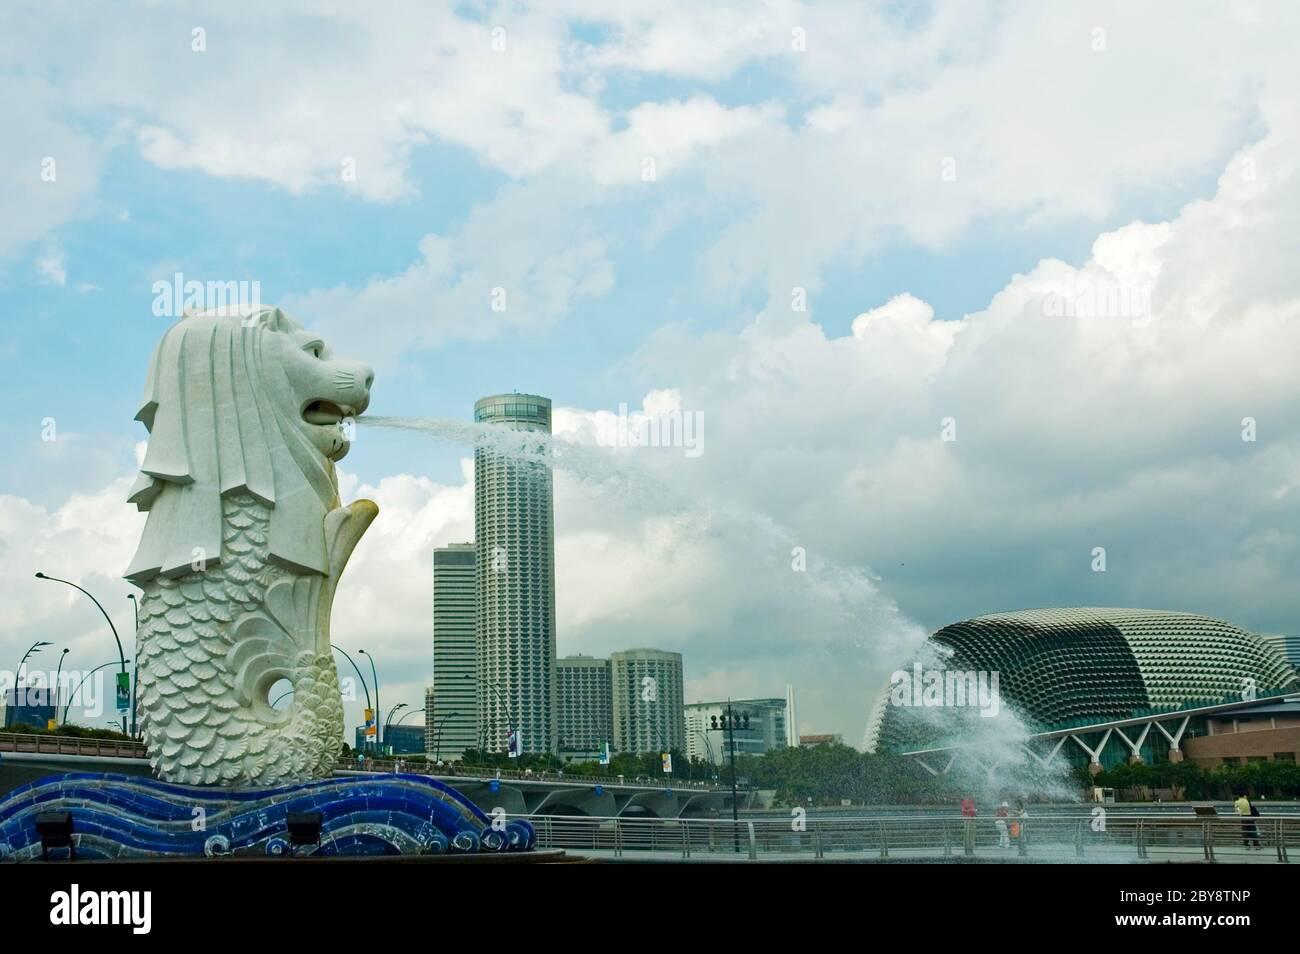 Statue de Merlion, Singapour Banque D'Images